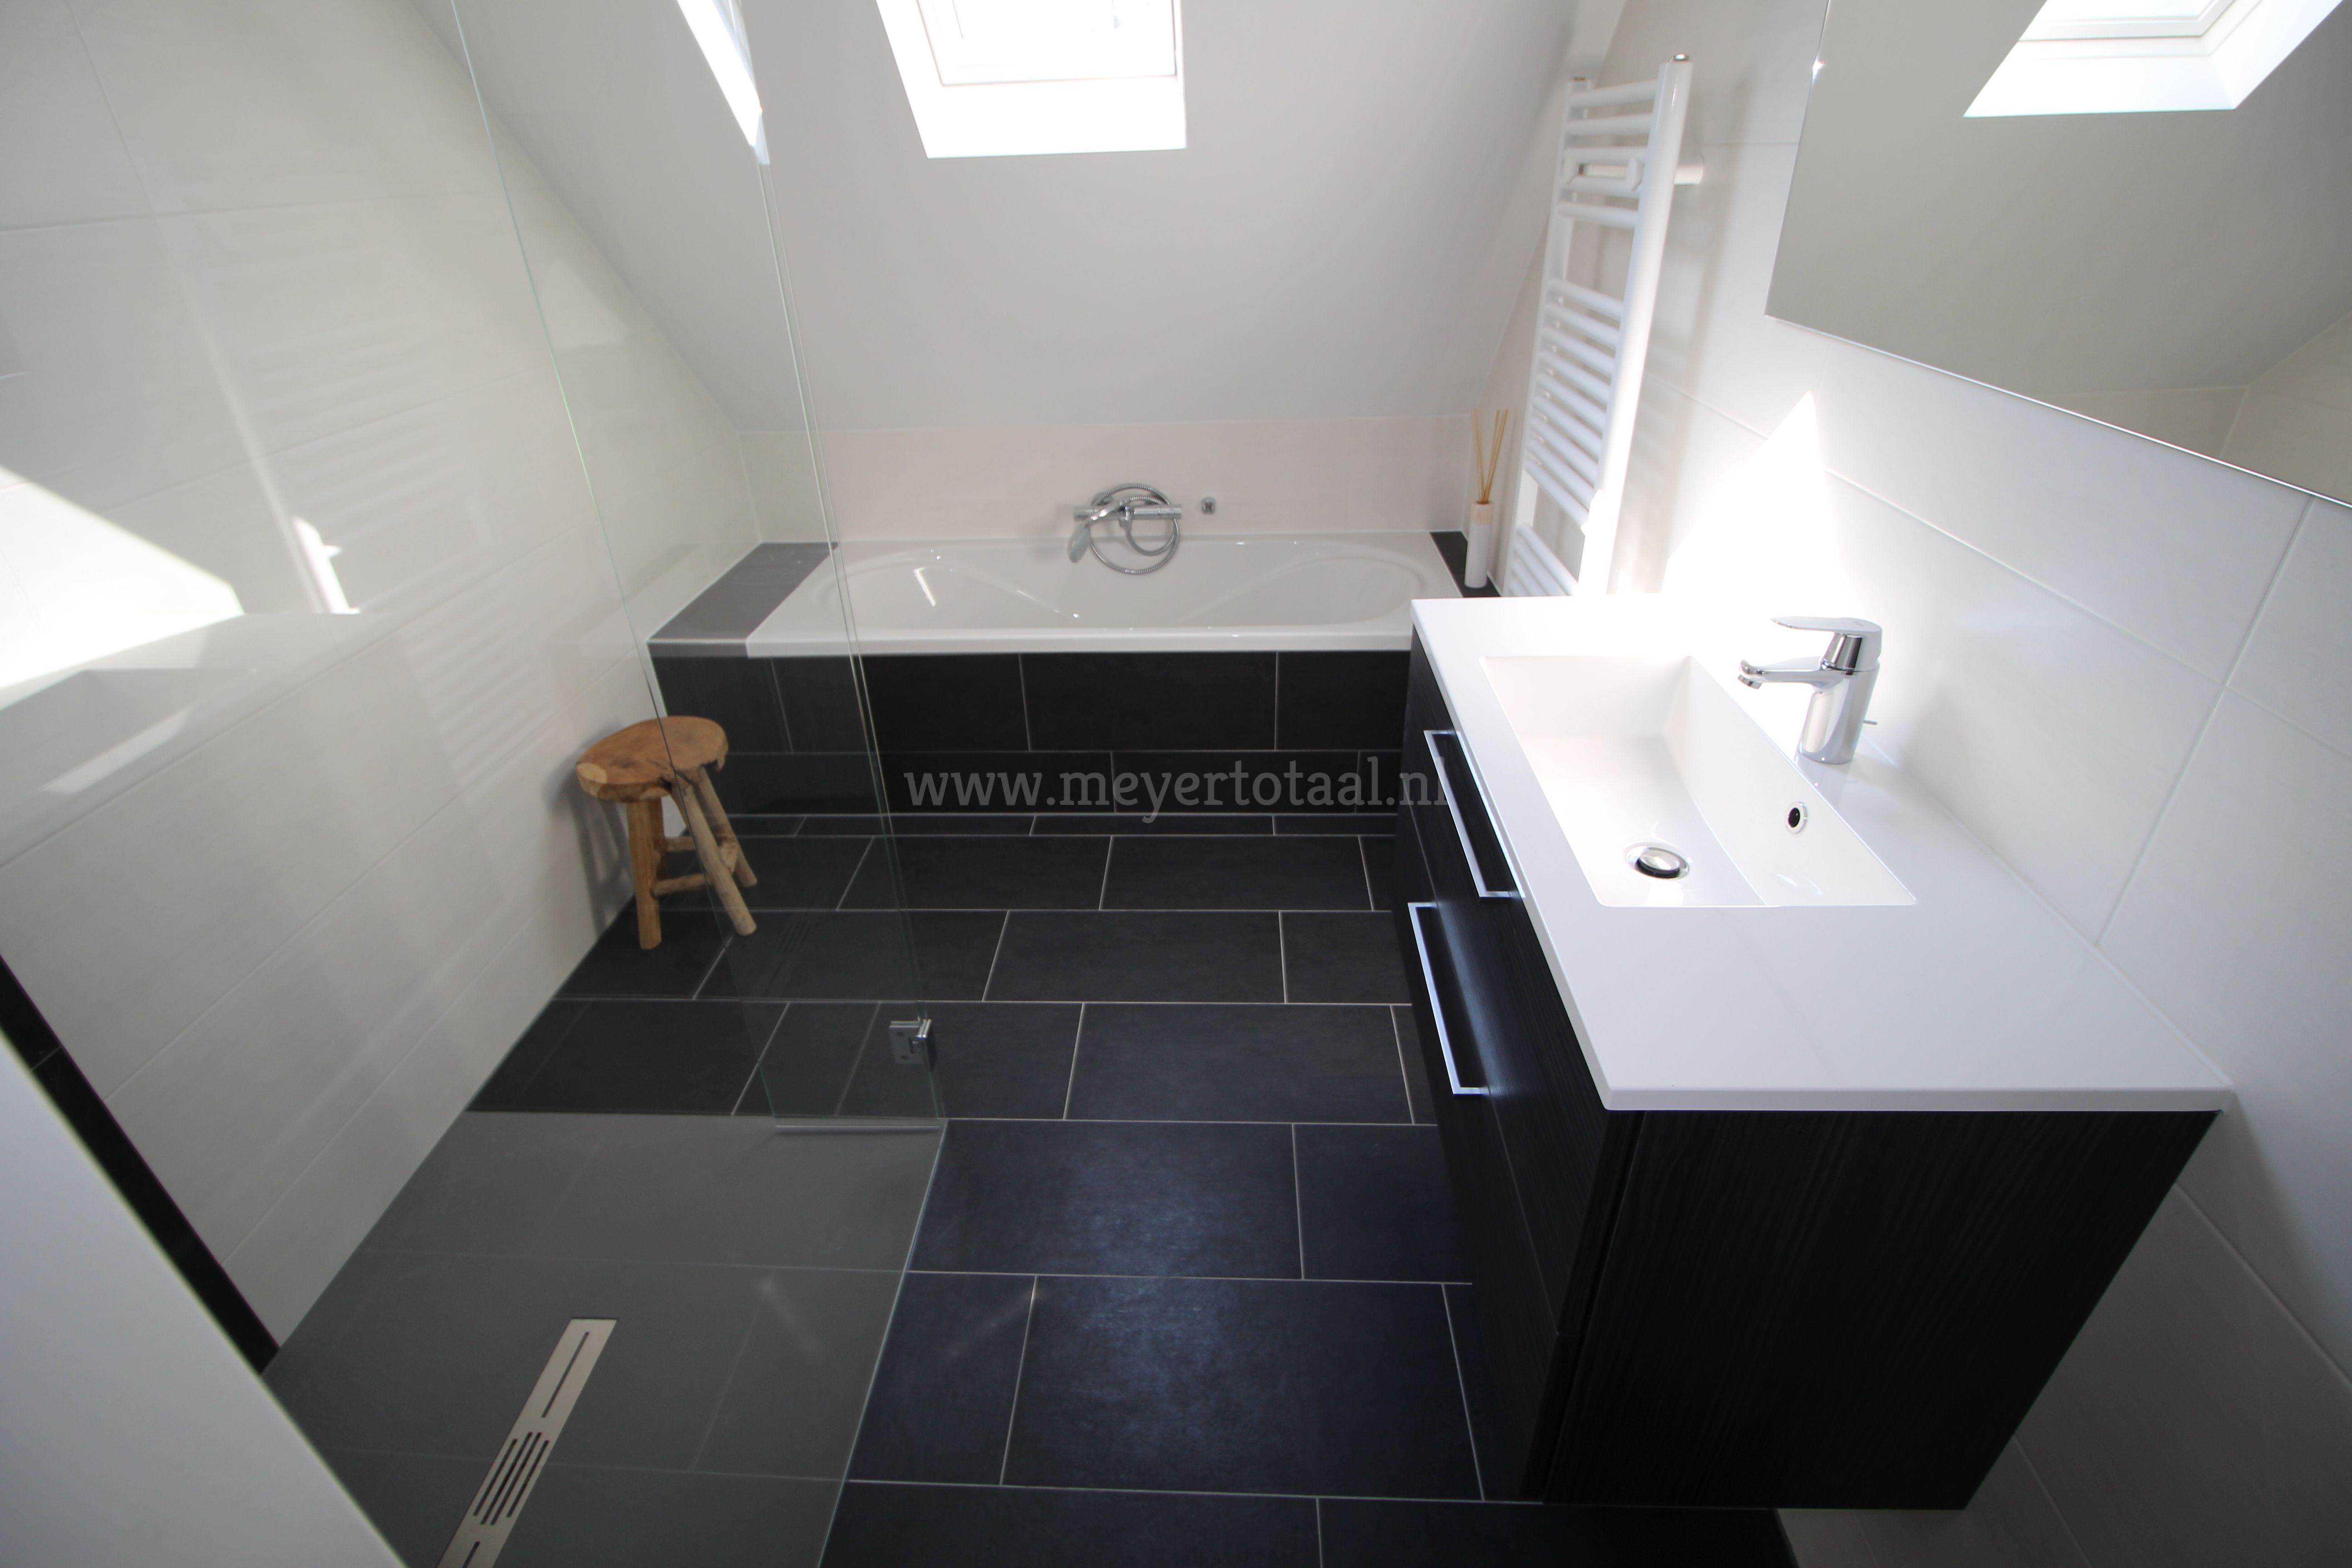 badkamer i douchevloer i bad i badmeubel i tegels badkamer